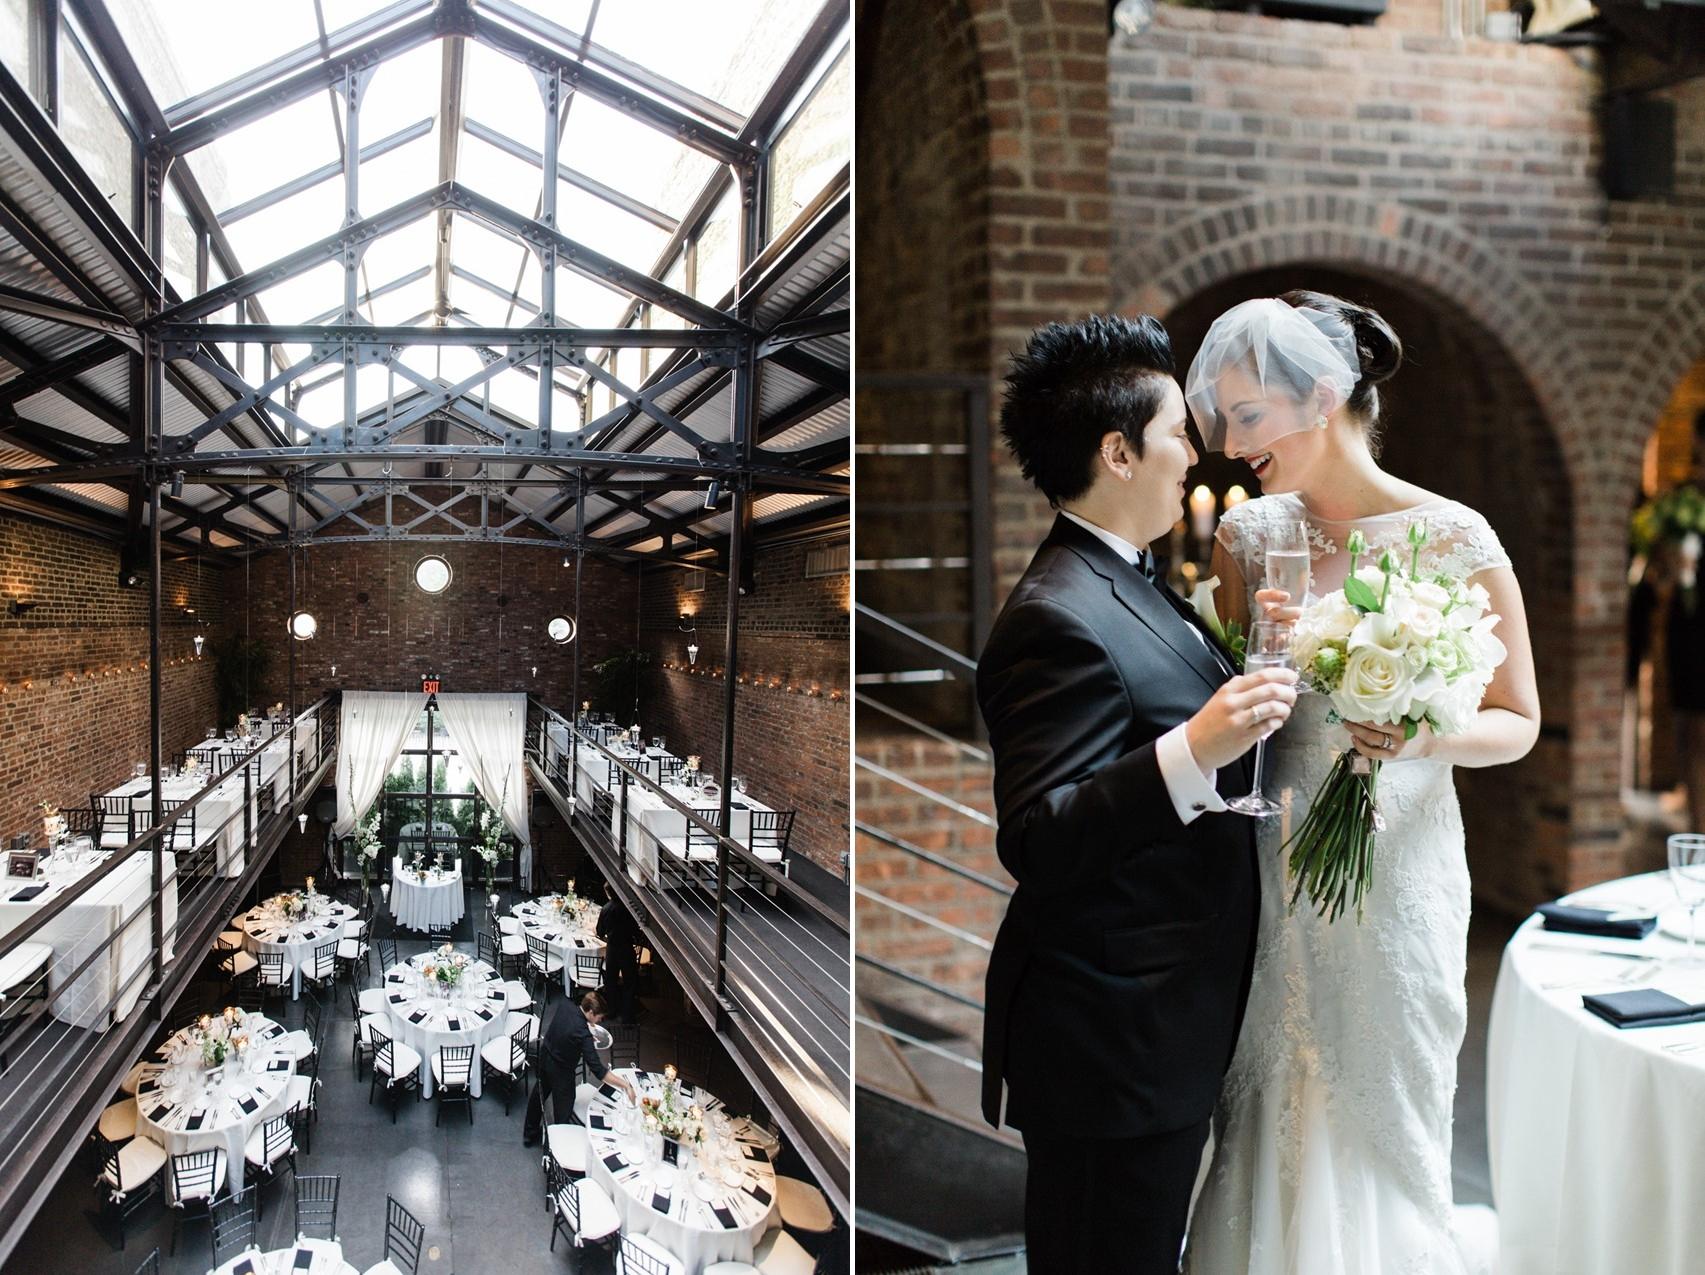 Elegant Same Sex Wedding - A Vintage Inspired City Wedding in a Crisp and Elegant Palette of Ivory, Black & Green